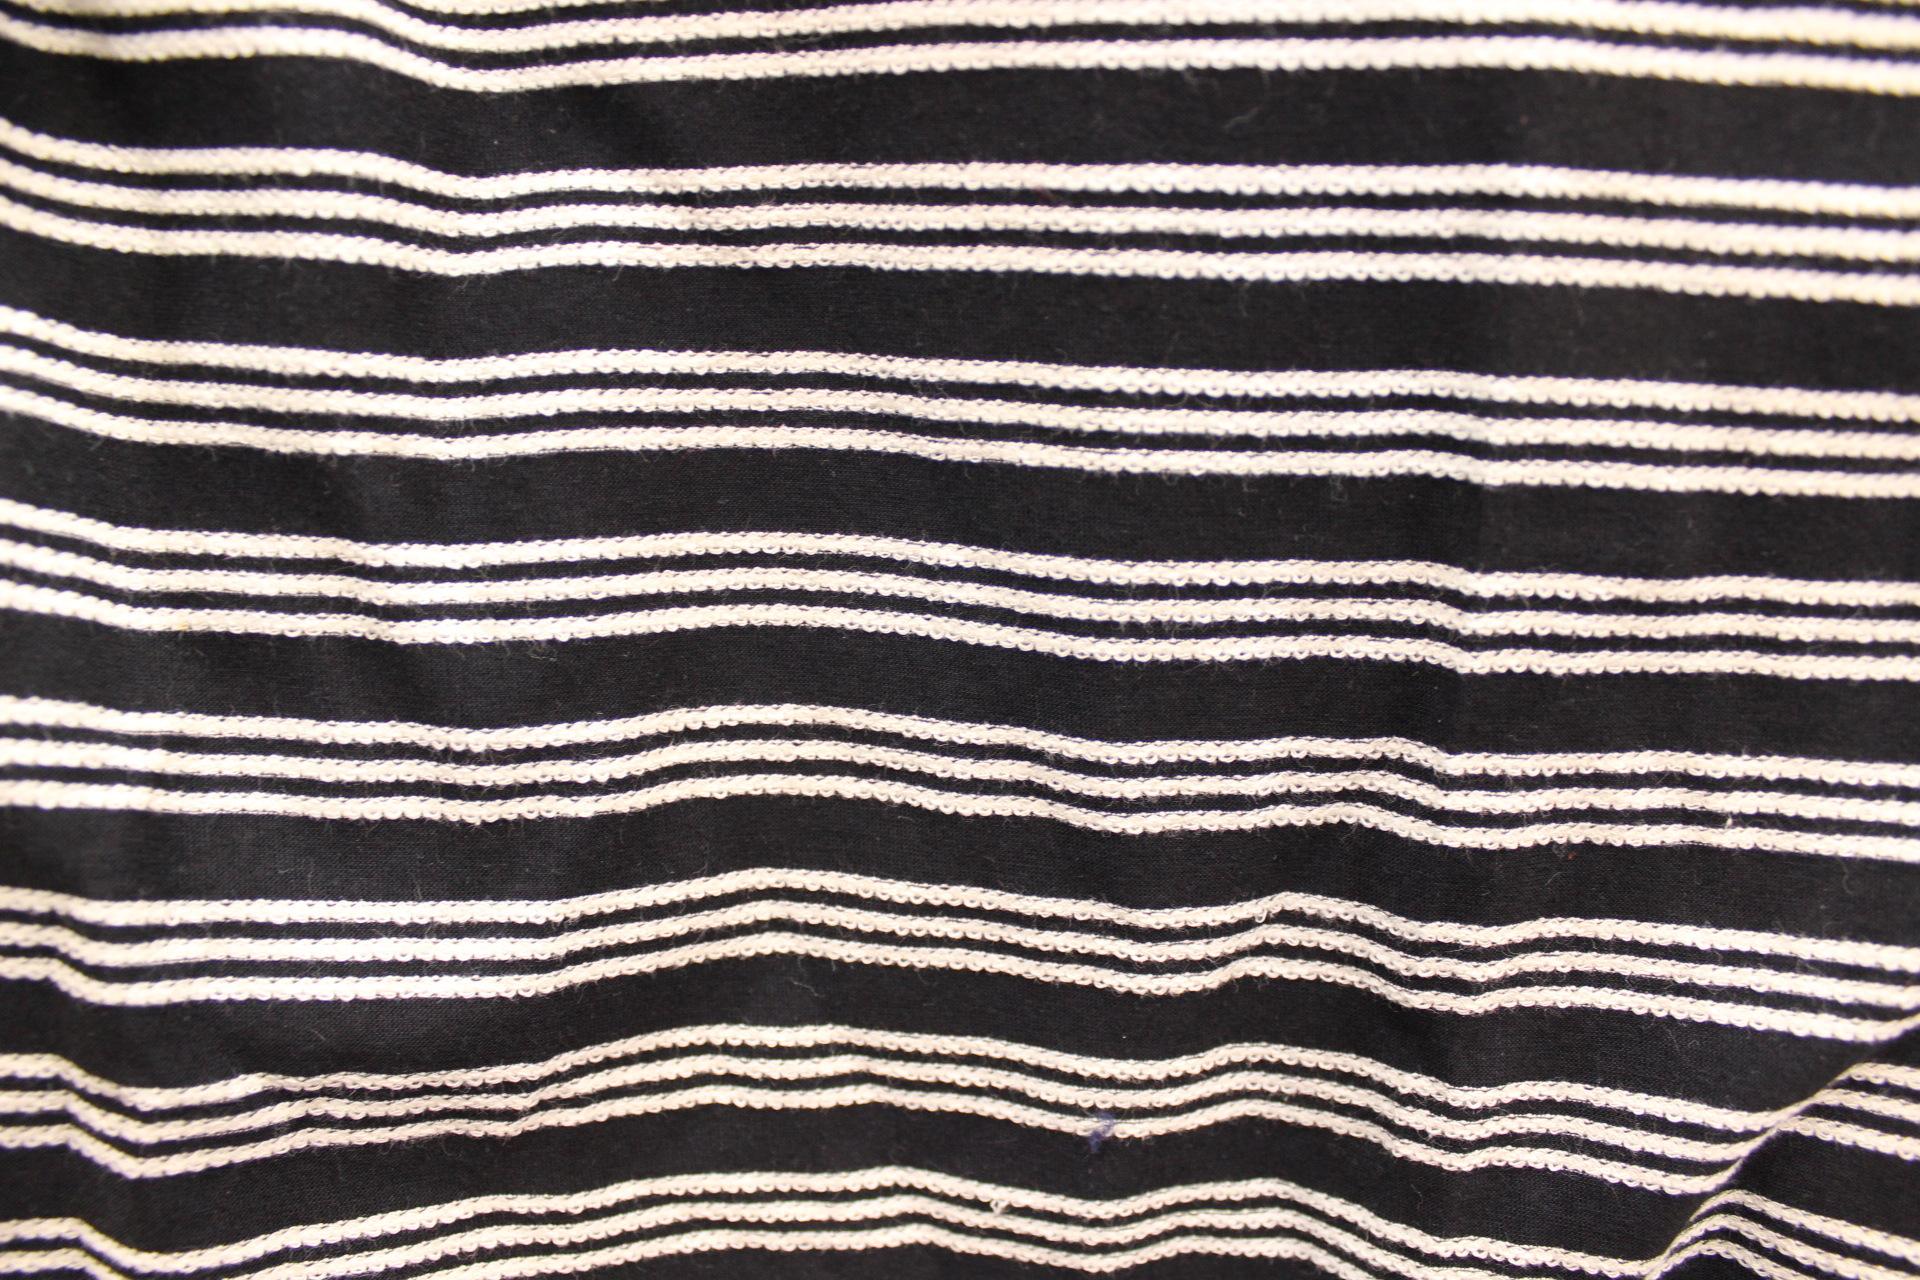 厂家直销涤棉布 涤棉提花间条布 服装、时装用料